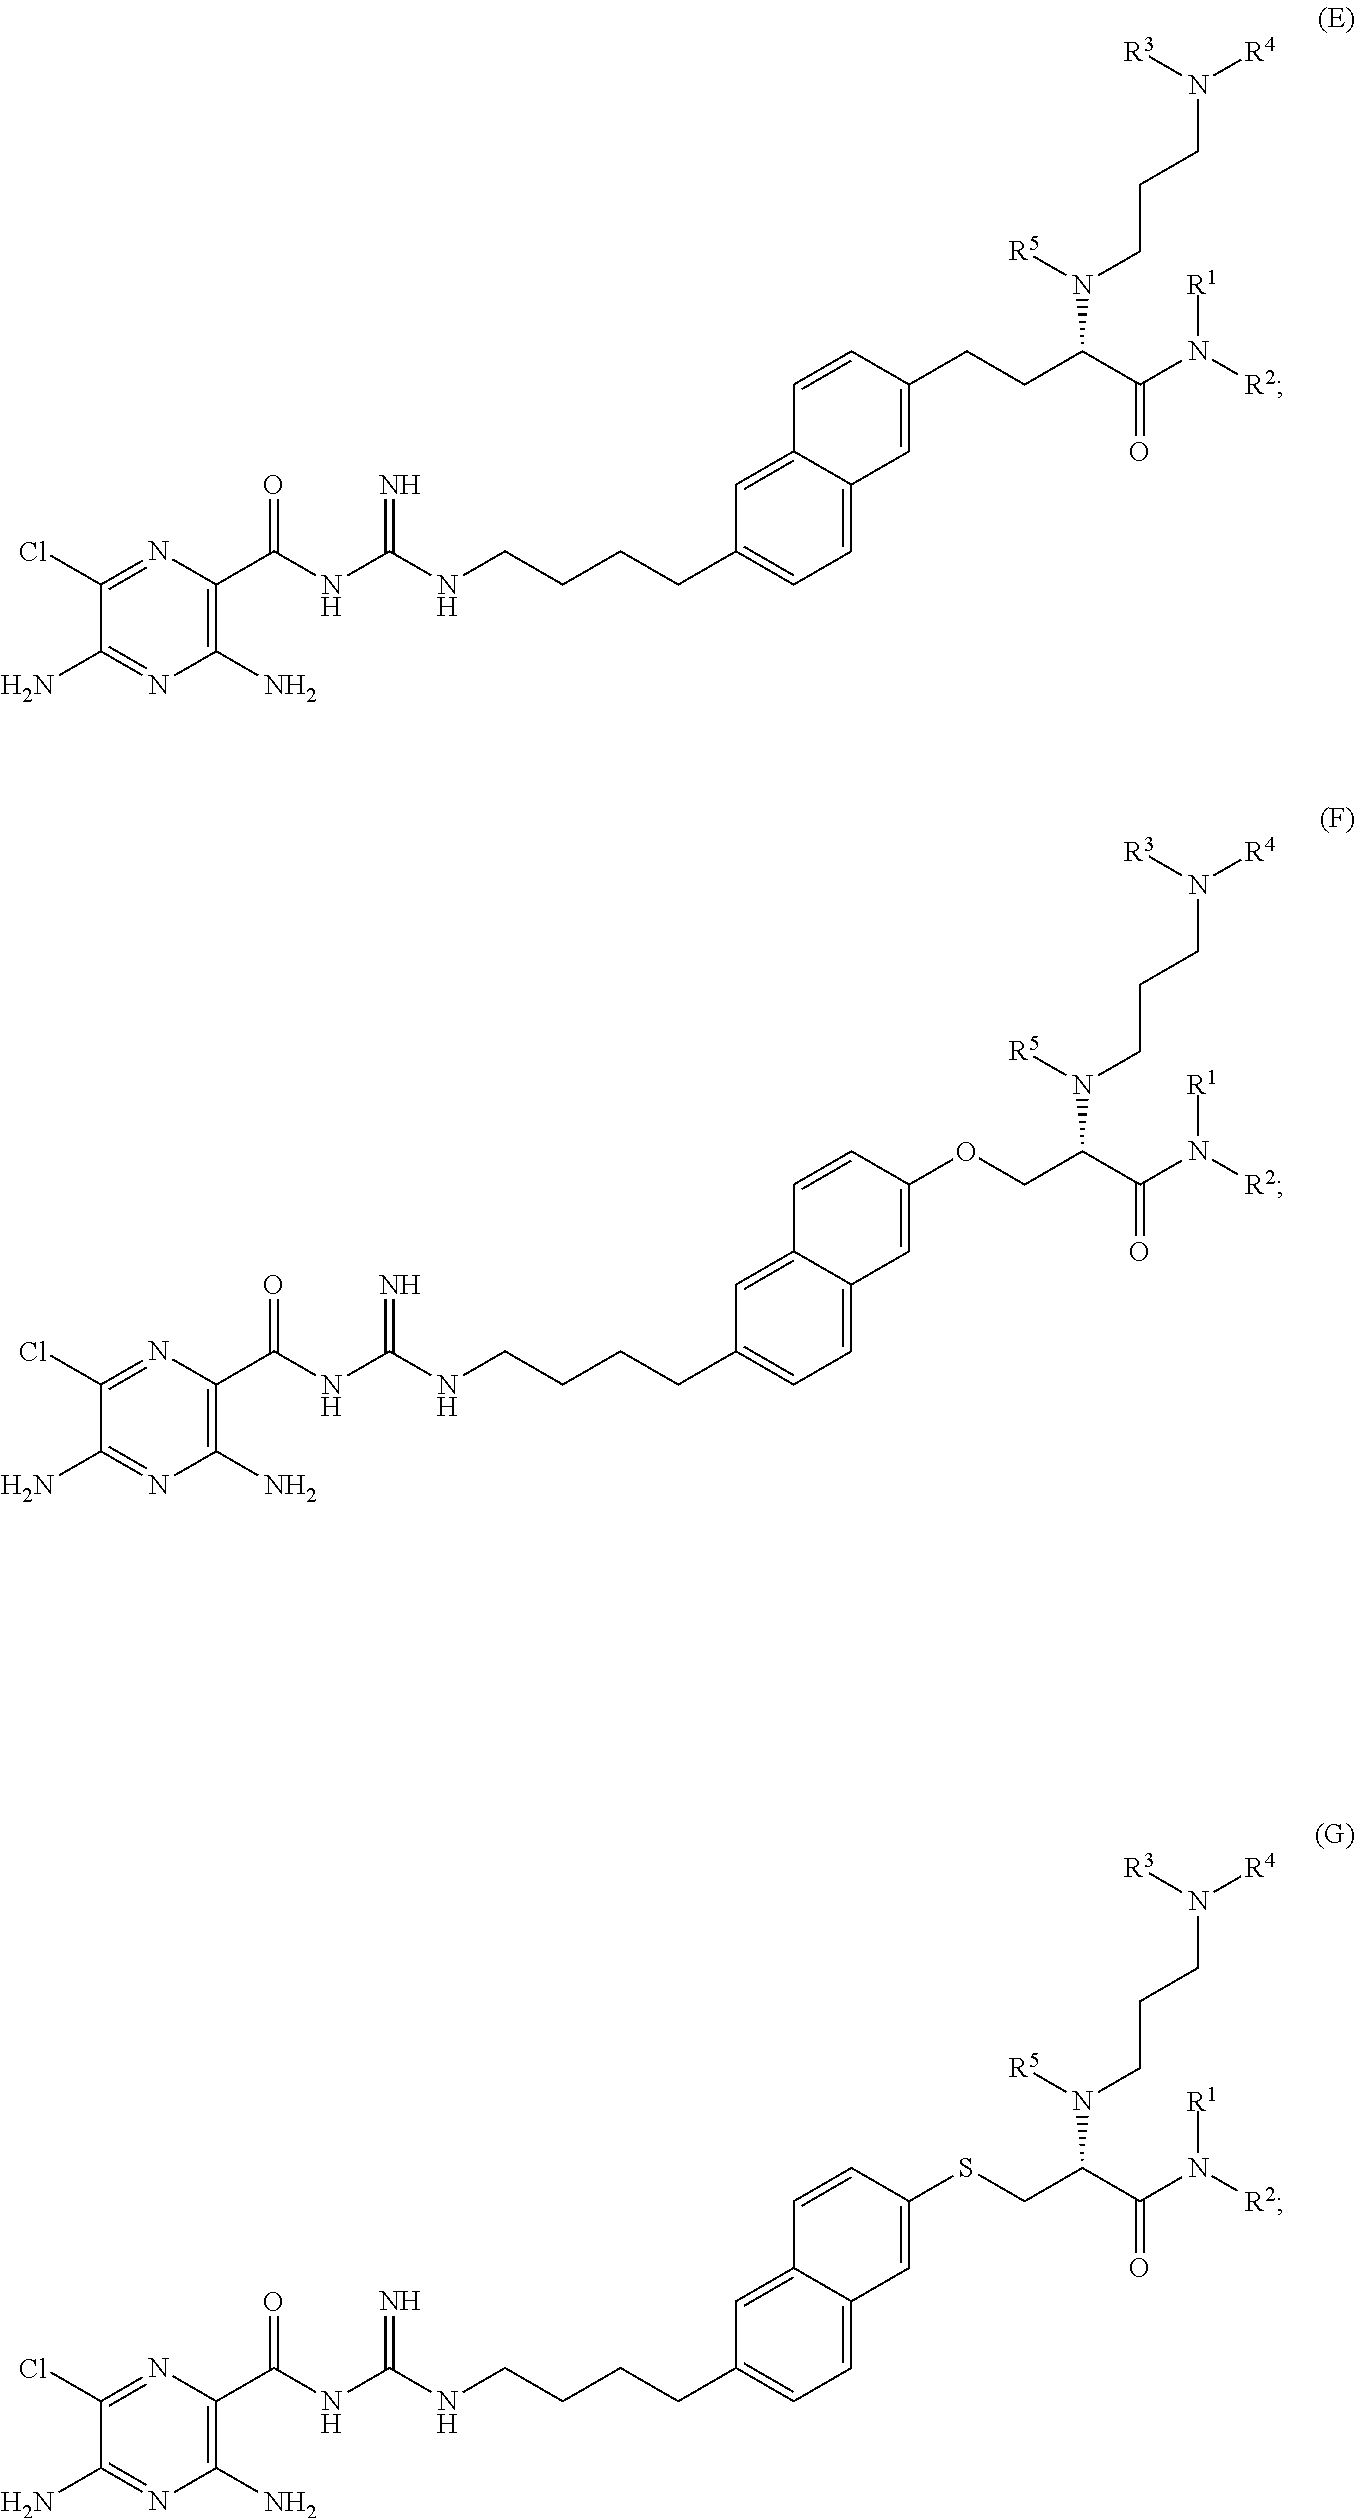 Figure US09695134-20170704-C00071